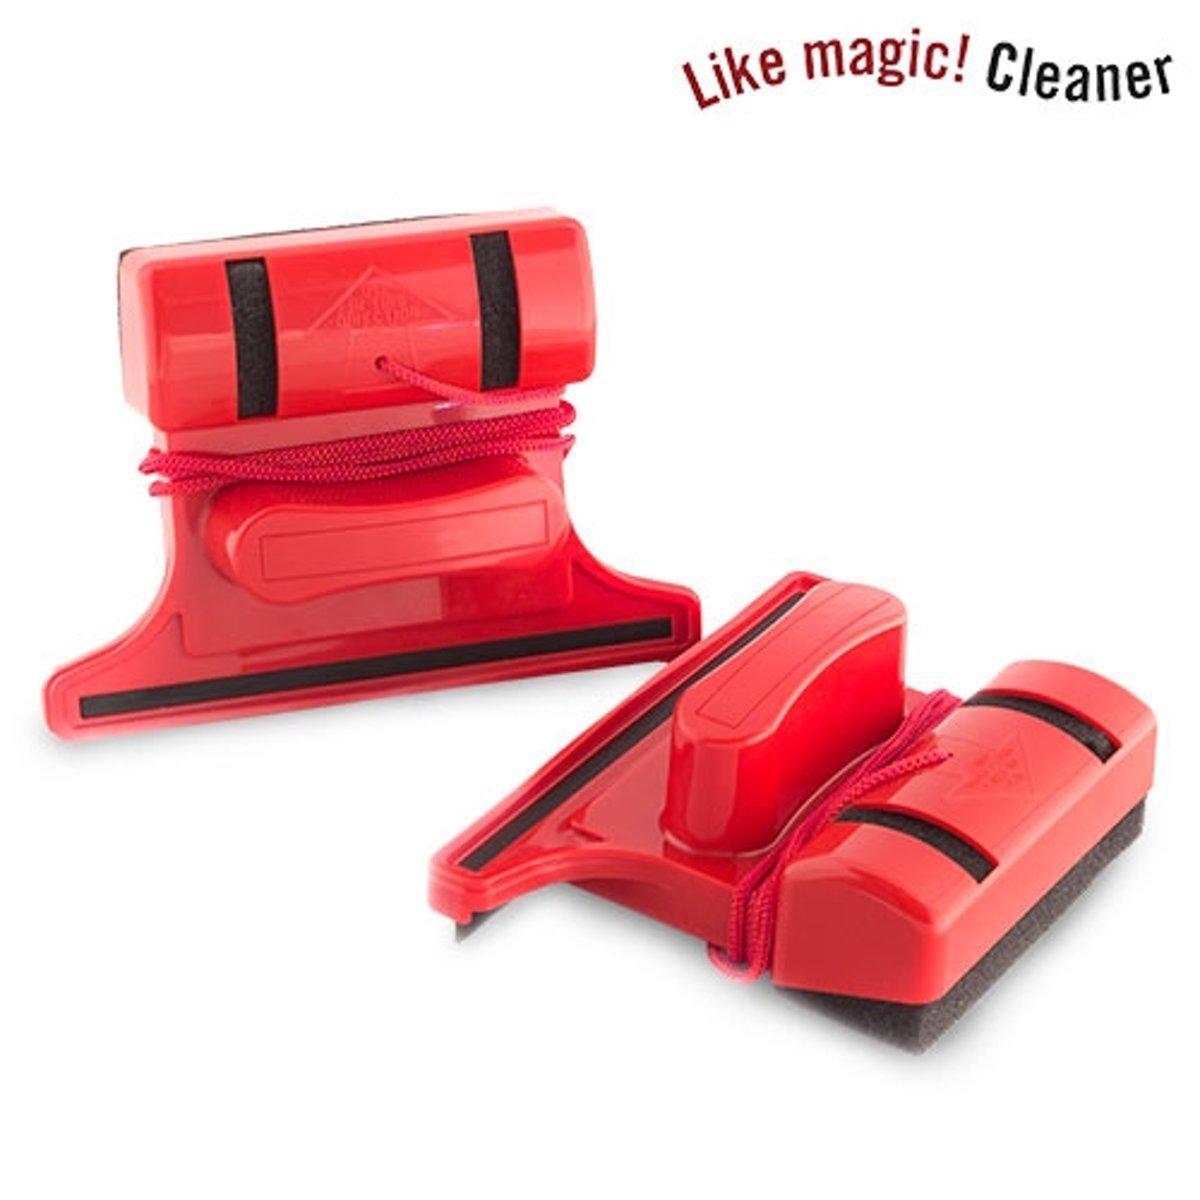 Magnetische Raamwisser Dubbel Glas.Like Magic Cleaner Magnetische Ramenzemer Alleen Voor Enkele Beglazing